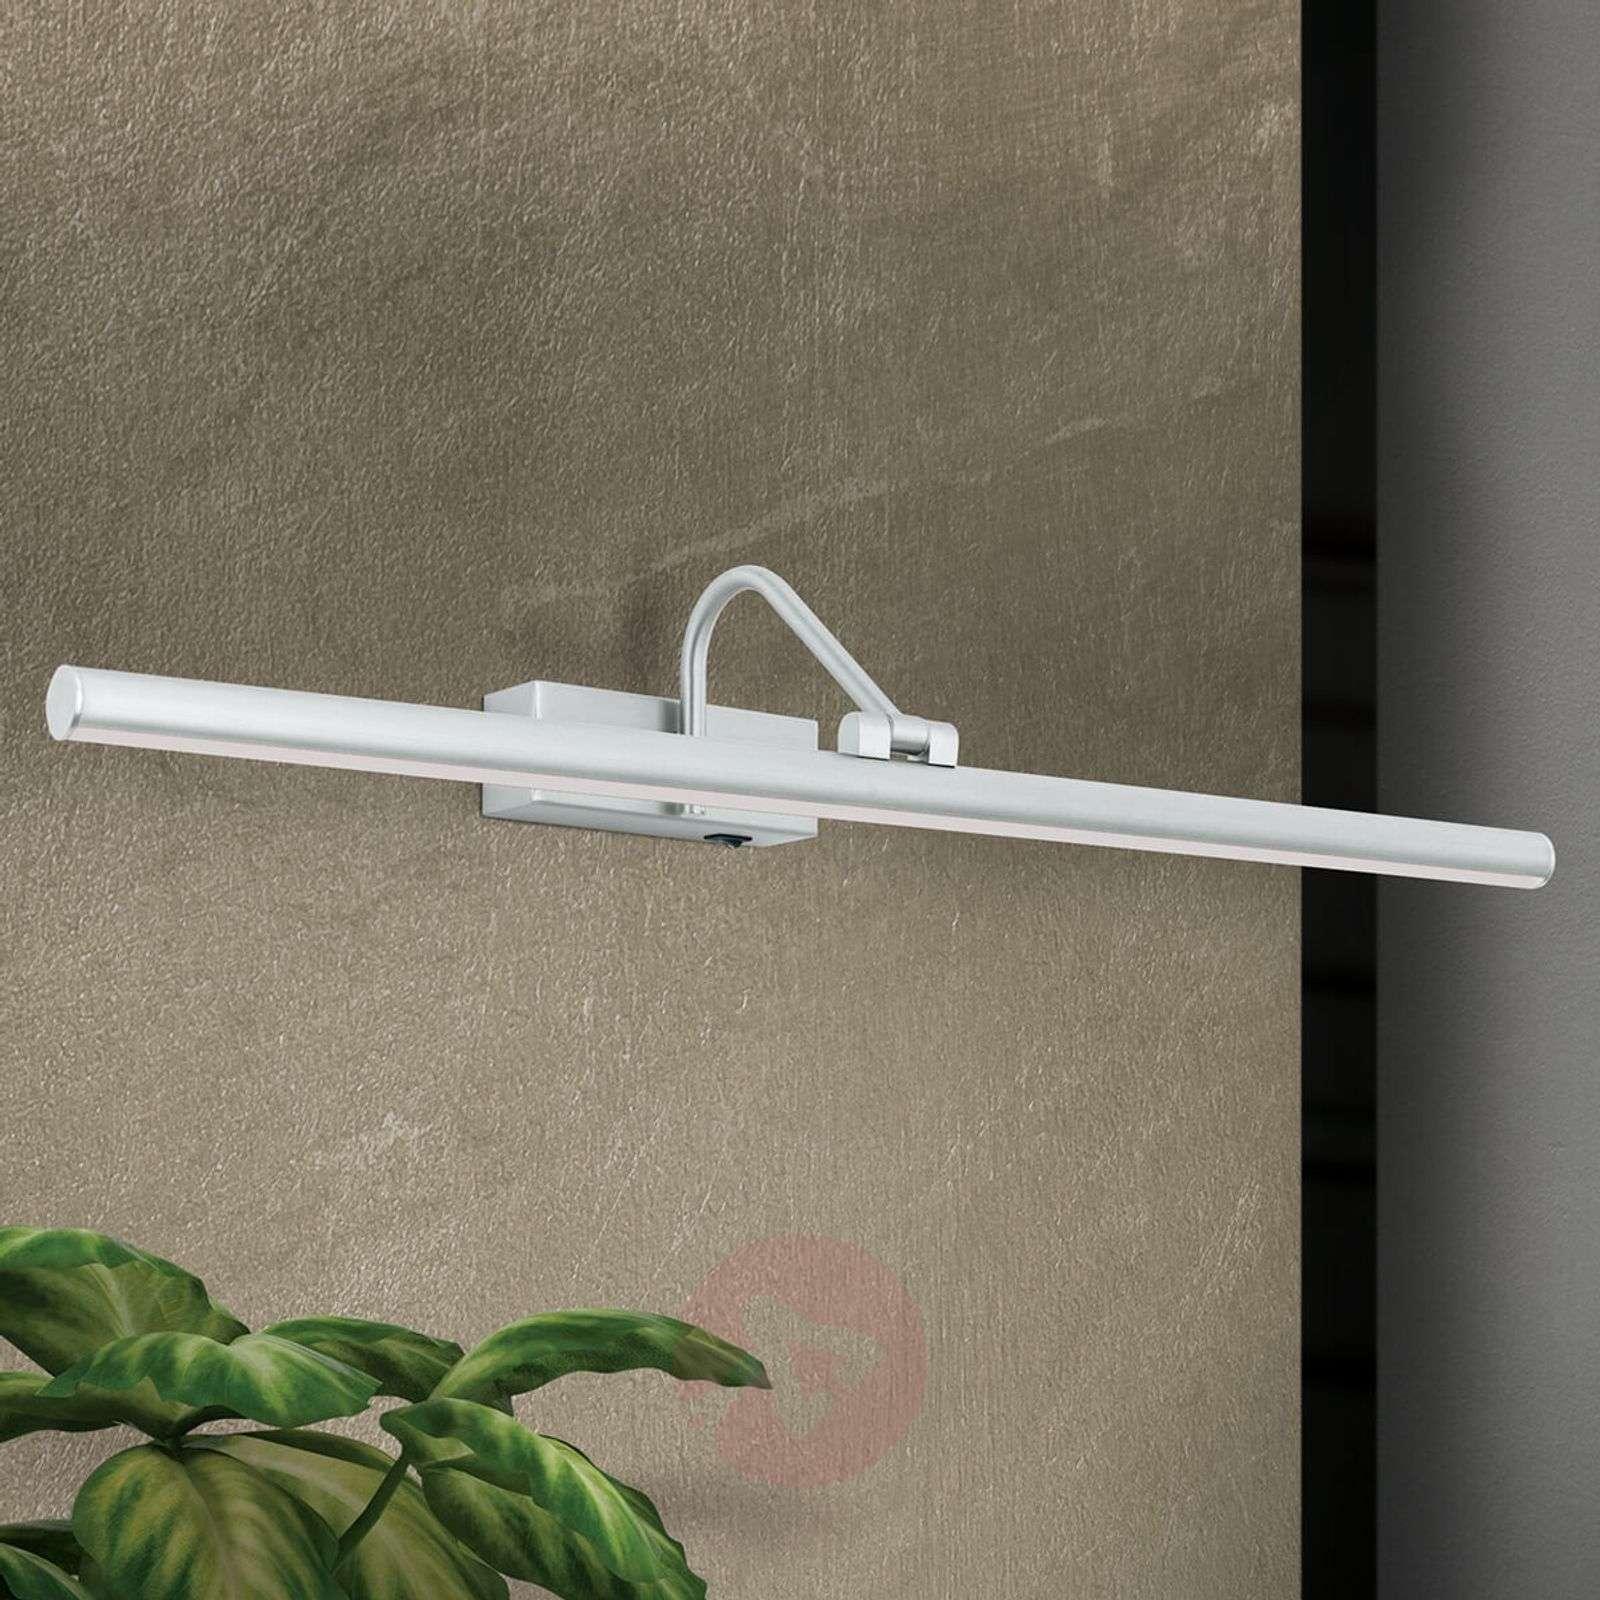 LED-tauluvalaisin Sofia kytkimellä, kallistettava-7255304X-01